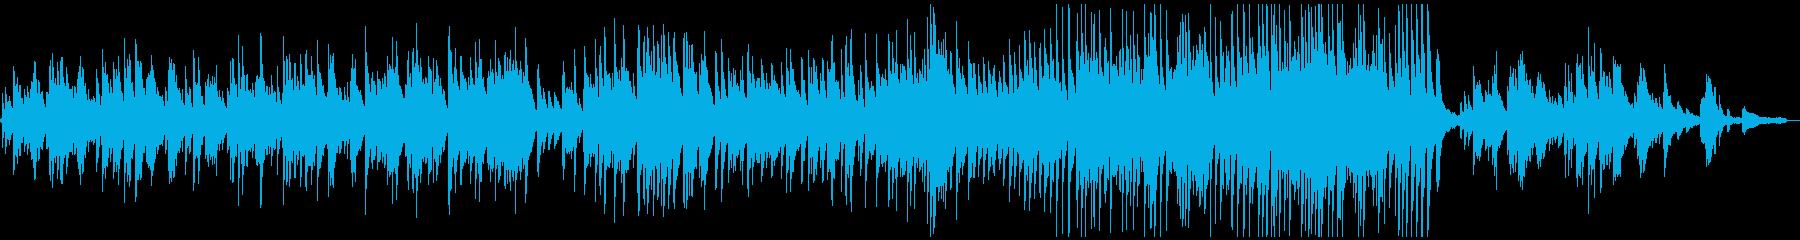 ピアノソロのバラードです。の再生済みの波形